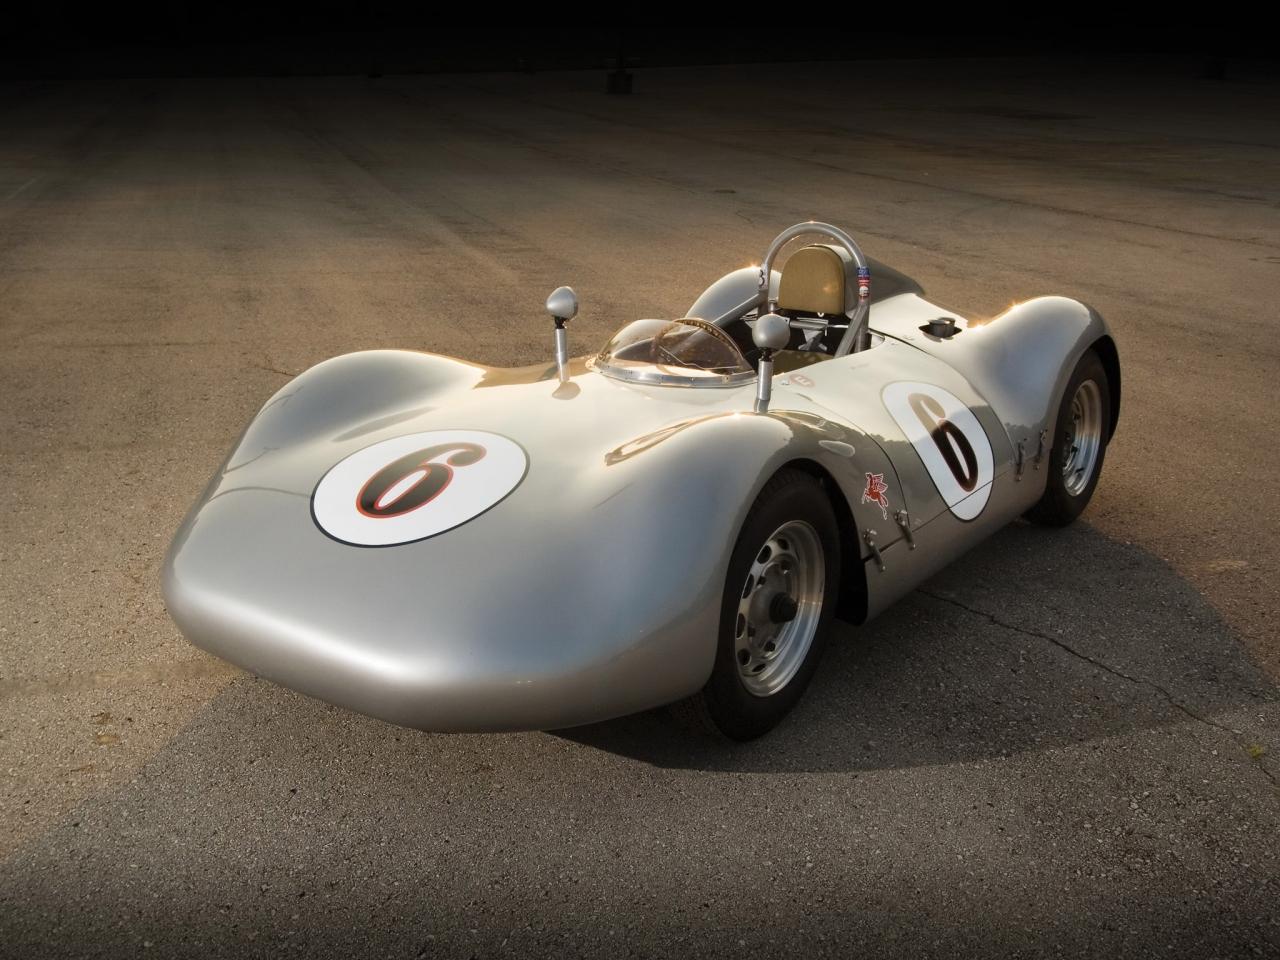 Porsche Pupulidy - 1280x960